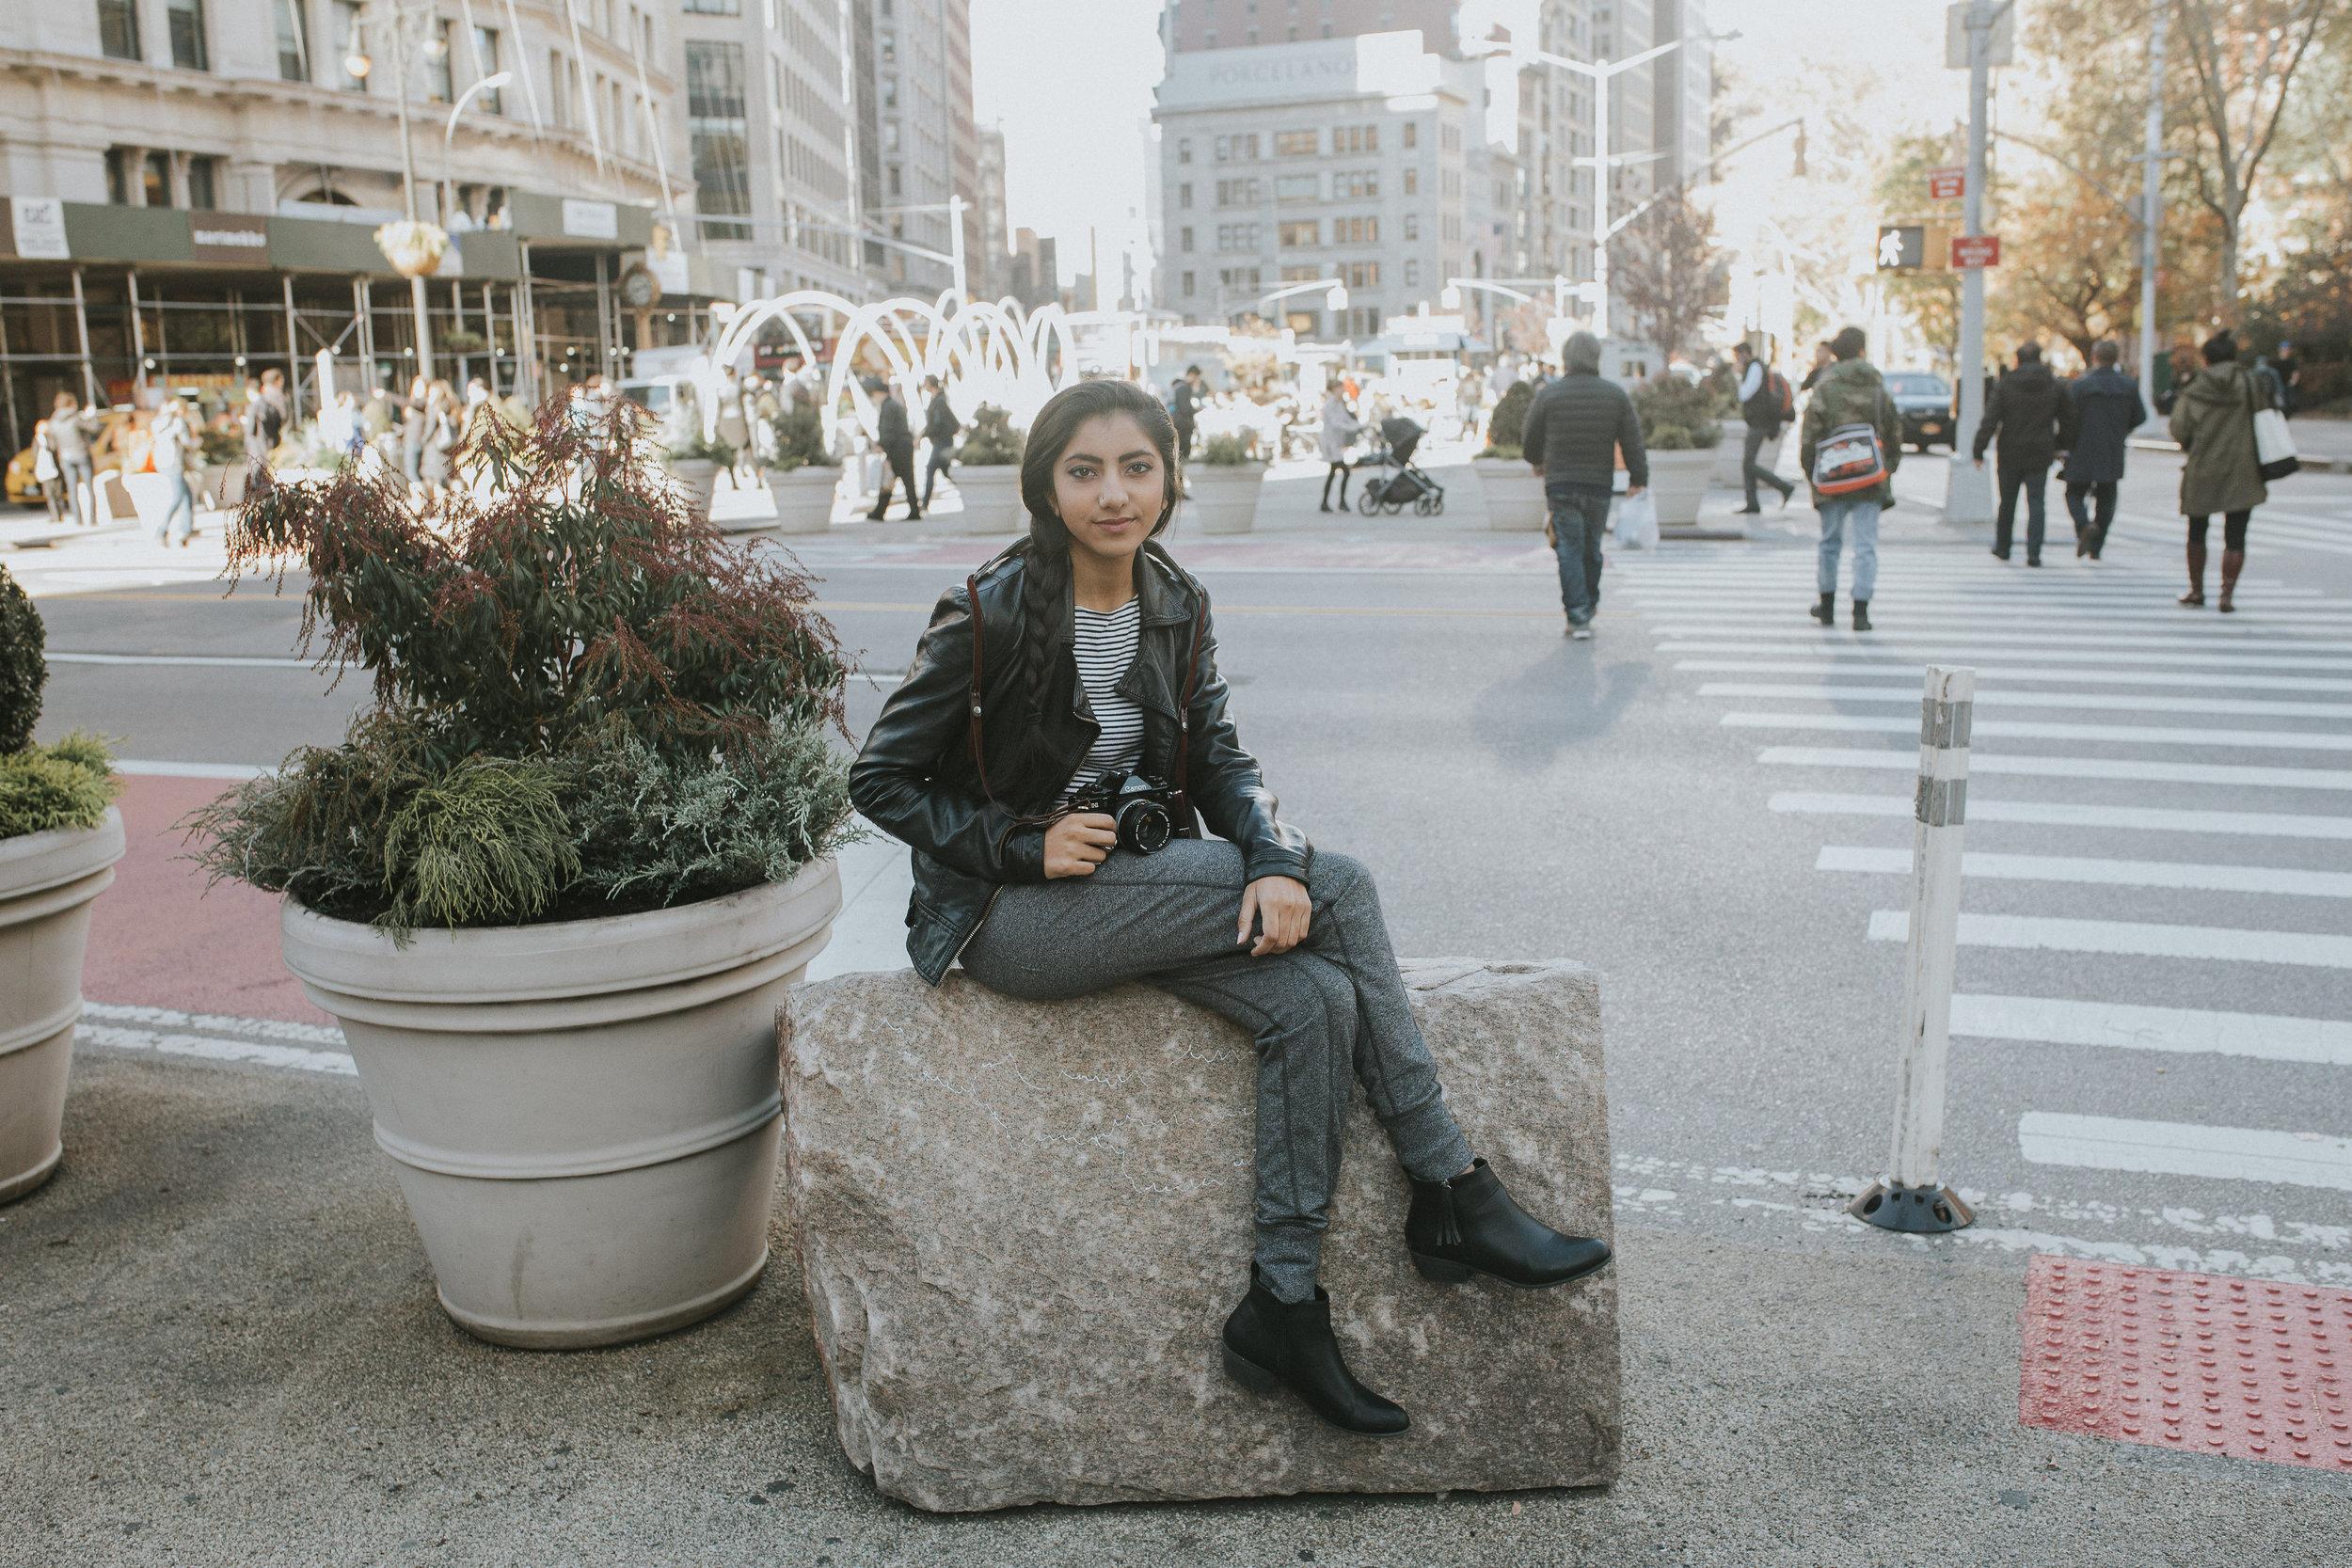 ZafiAhmedFashionBloggerNYCLululemonsweatscausaloutfitootdnewyorklifestylephotographerbrooklyn-10.jpg